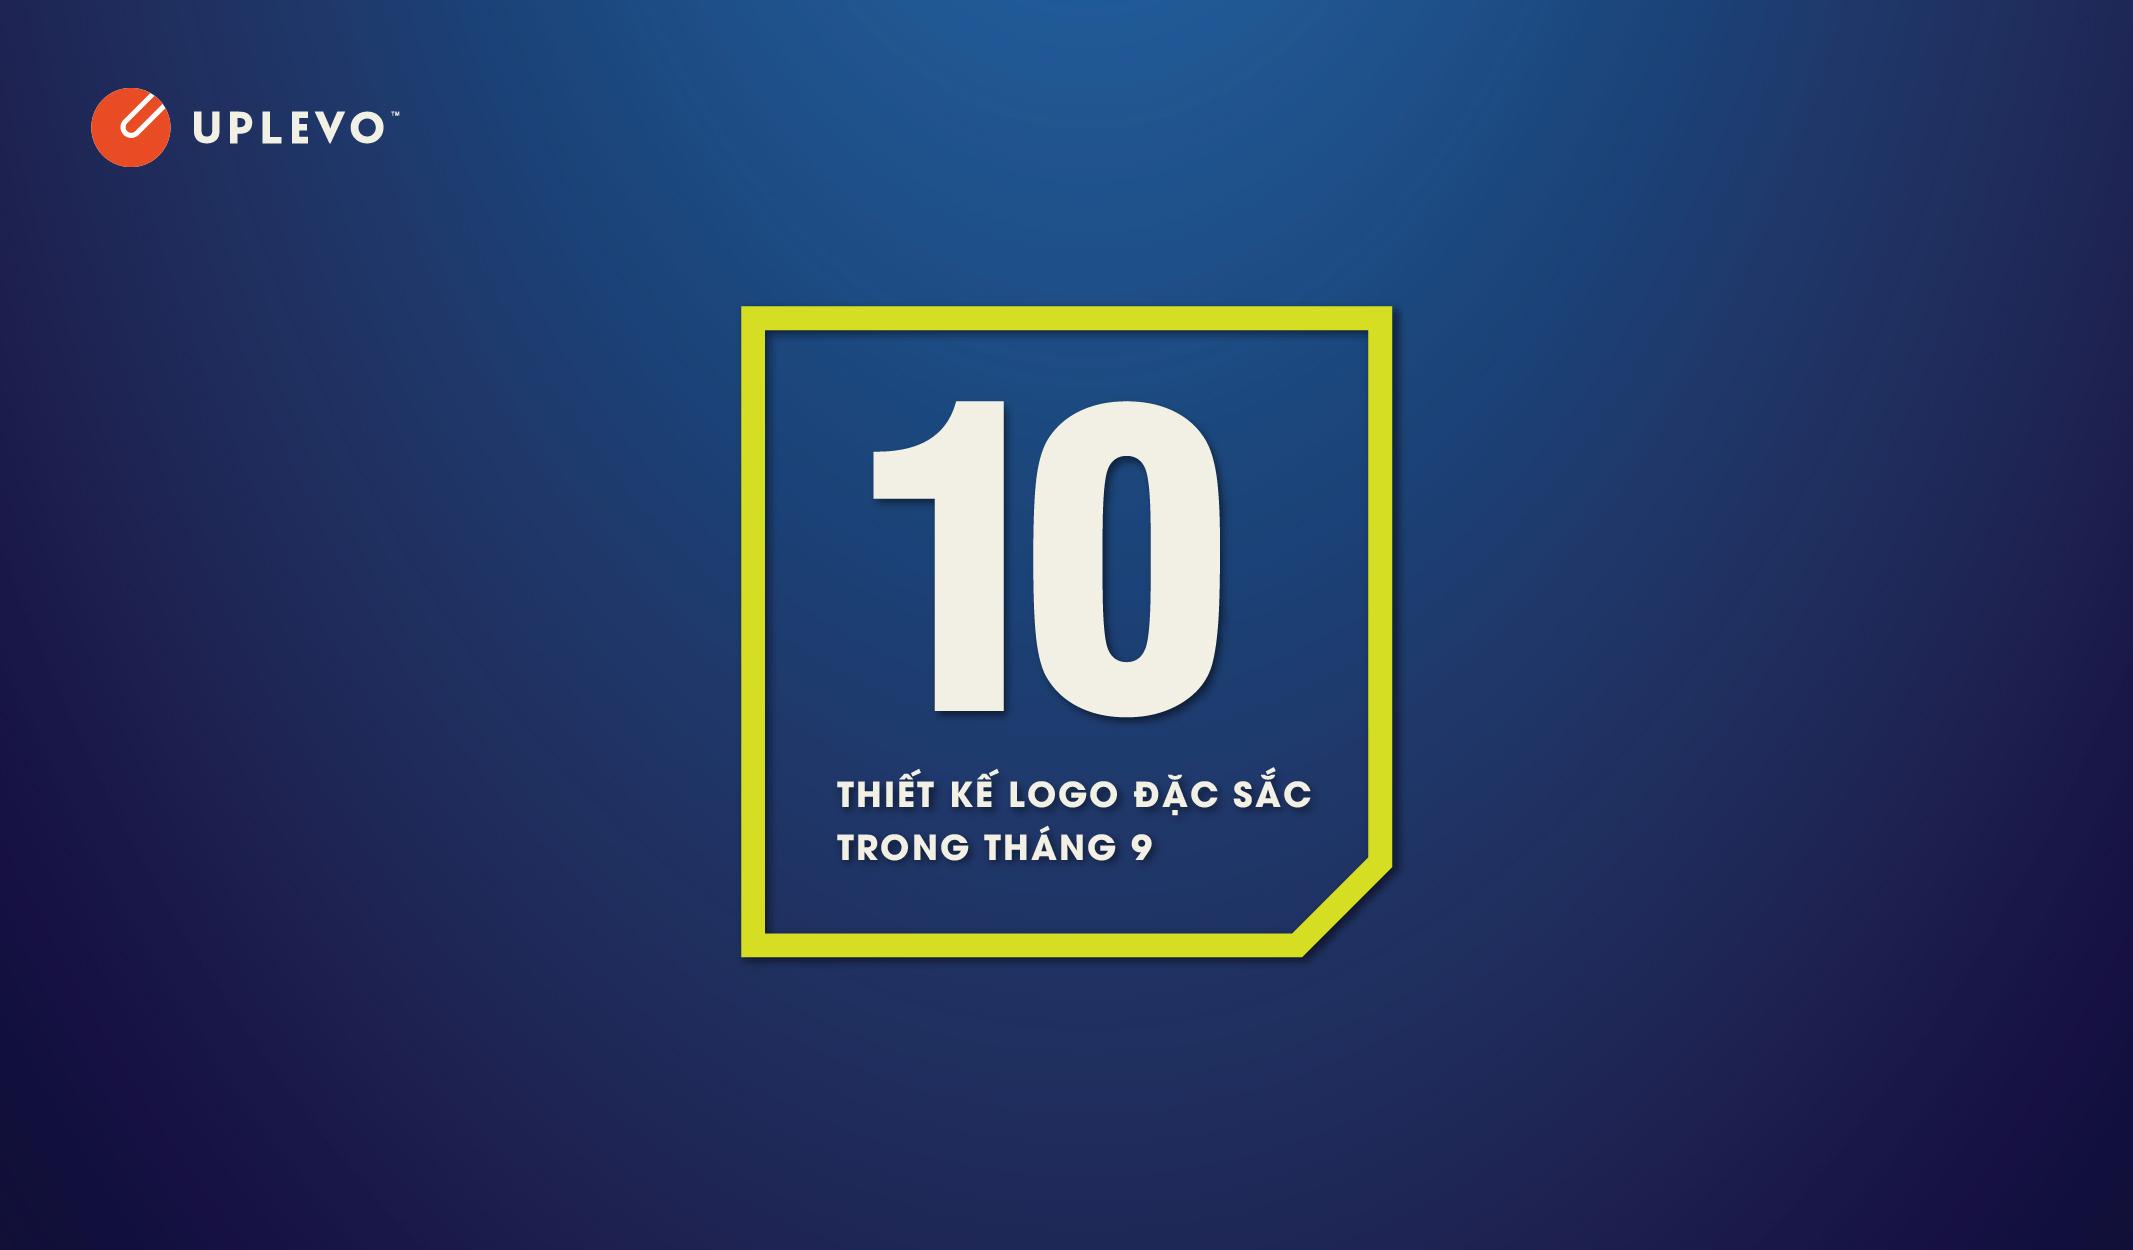 10 thiết kế logo đặc sắc tháng 9